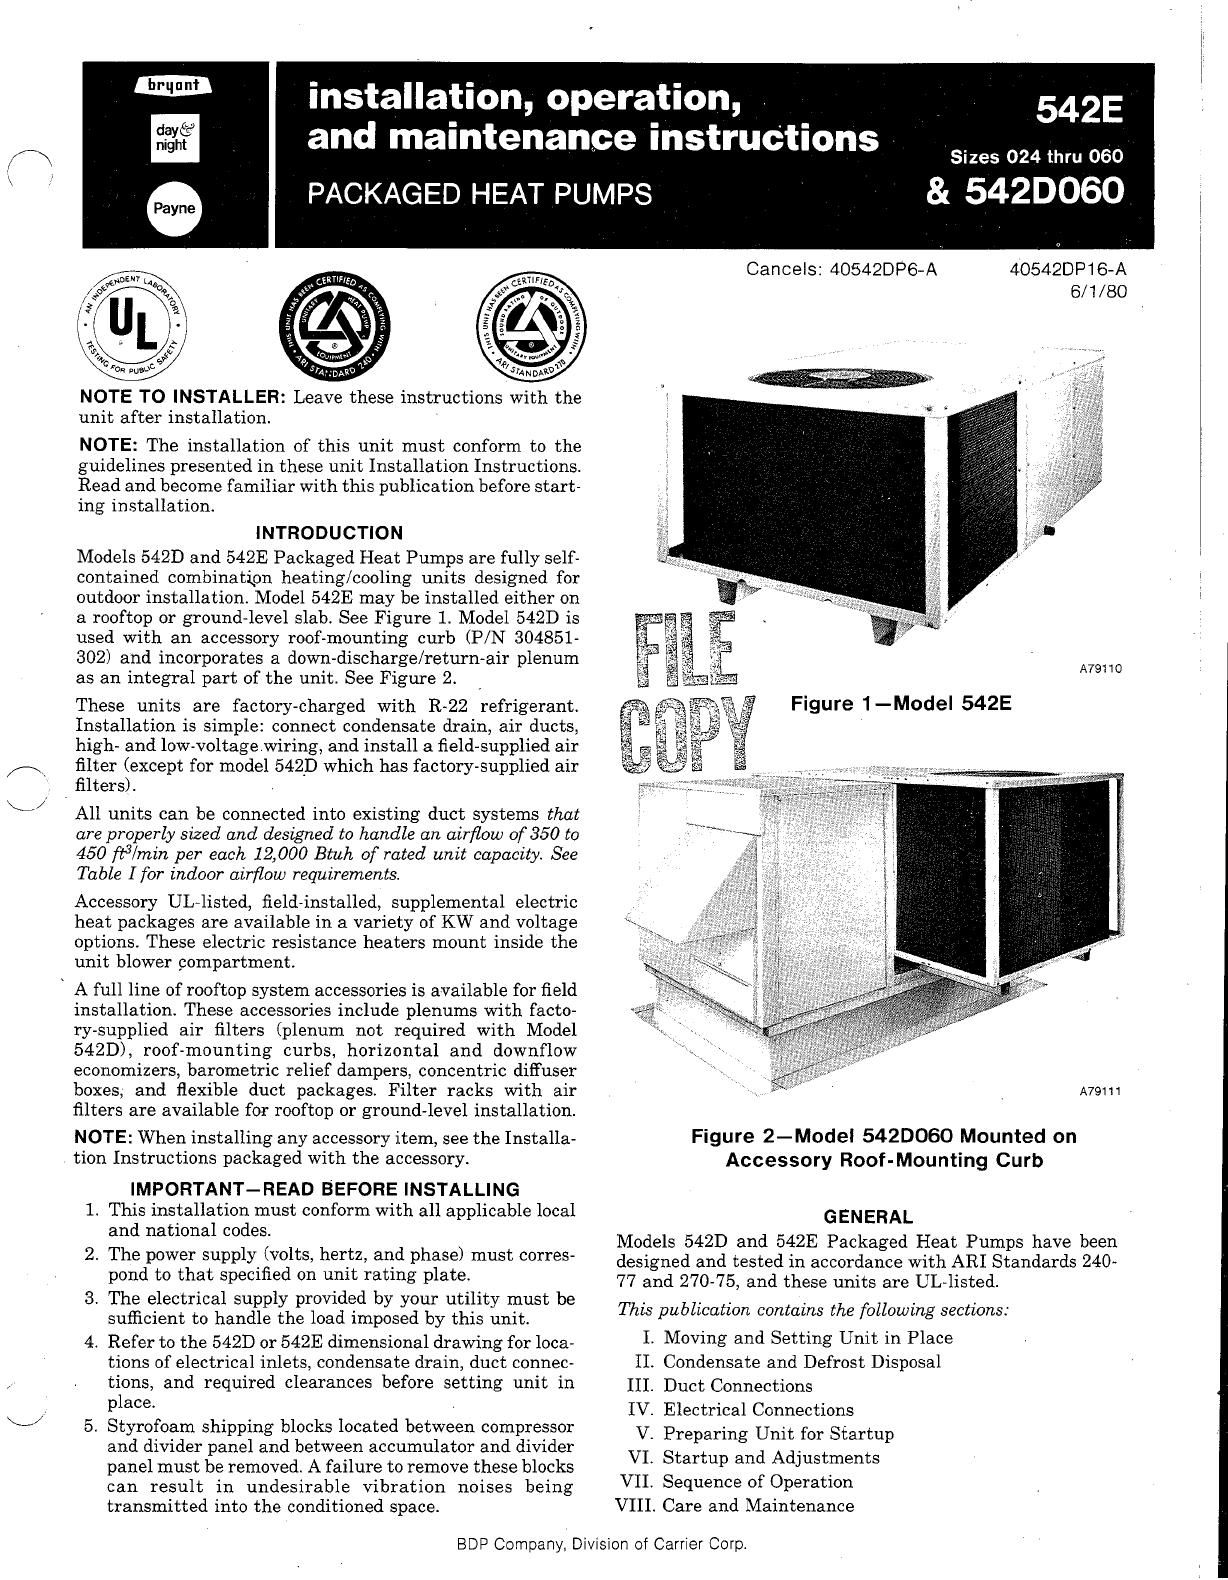 carrier heat pump 542e user guide manualsonline com Carrier Heat Pump Package carrier heat pump manual